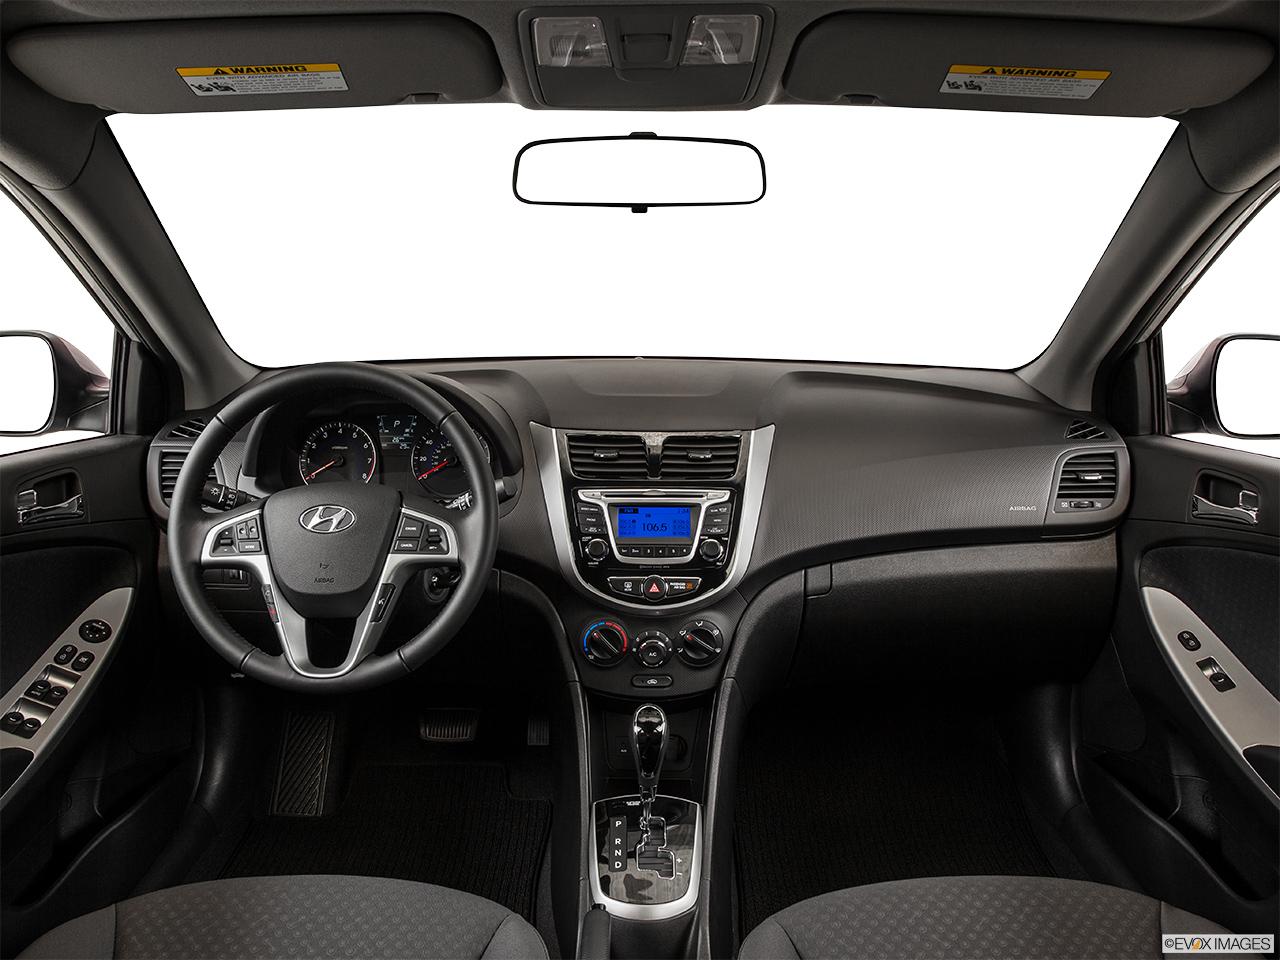 2015 Hyundai Accent 5 Door Manual Sport Hatchback - Centered wide dash shot